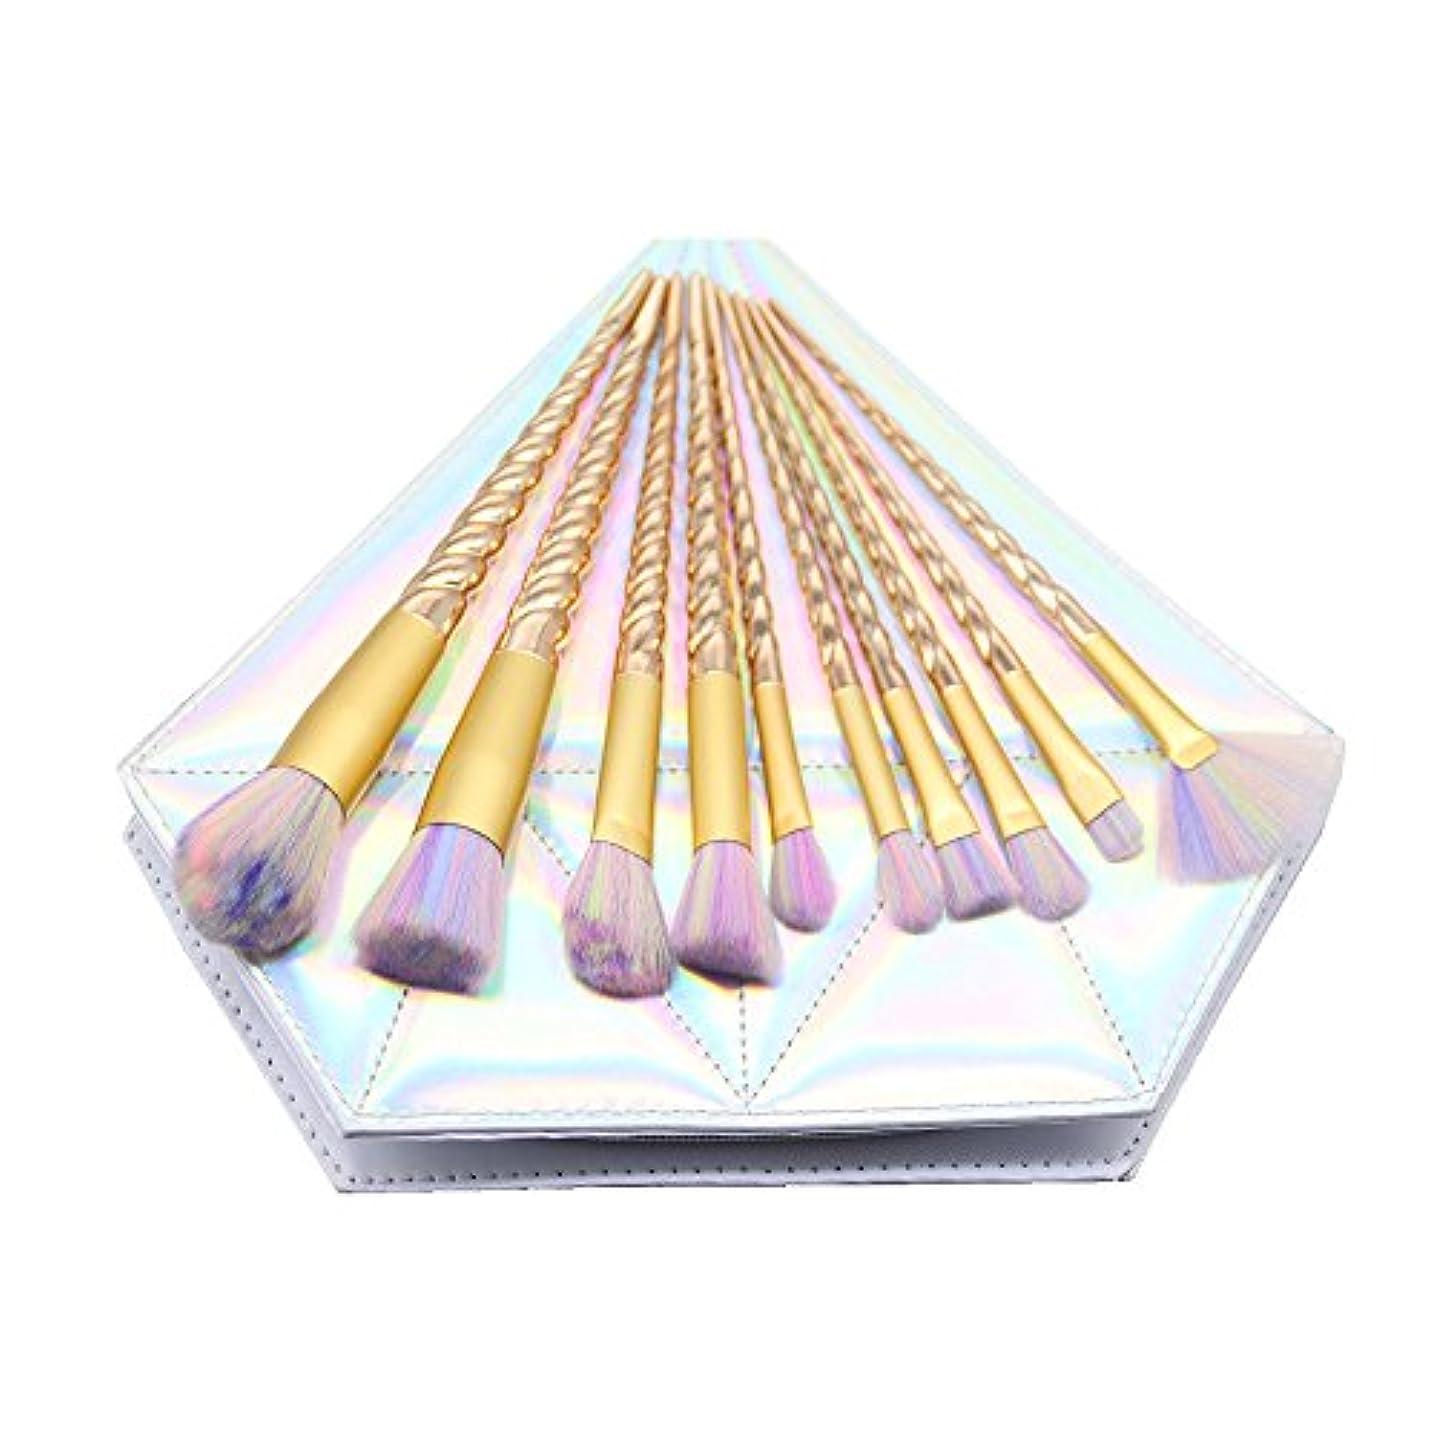 ピグマリオン居間健康的Dilla Beauty メイクブラシセット 10本セット ユニコーンデザイン プラスチックハンドル 合成毛 ファンデーションブラシ アイシャドーブラッシャー 美容ツール 化粧品のバッグ付き